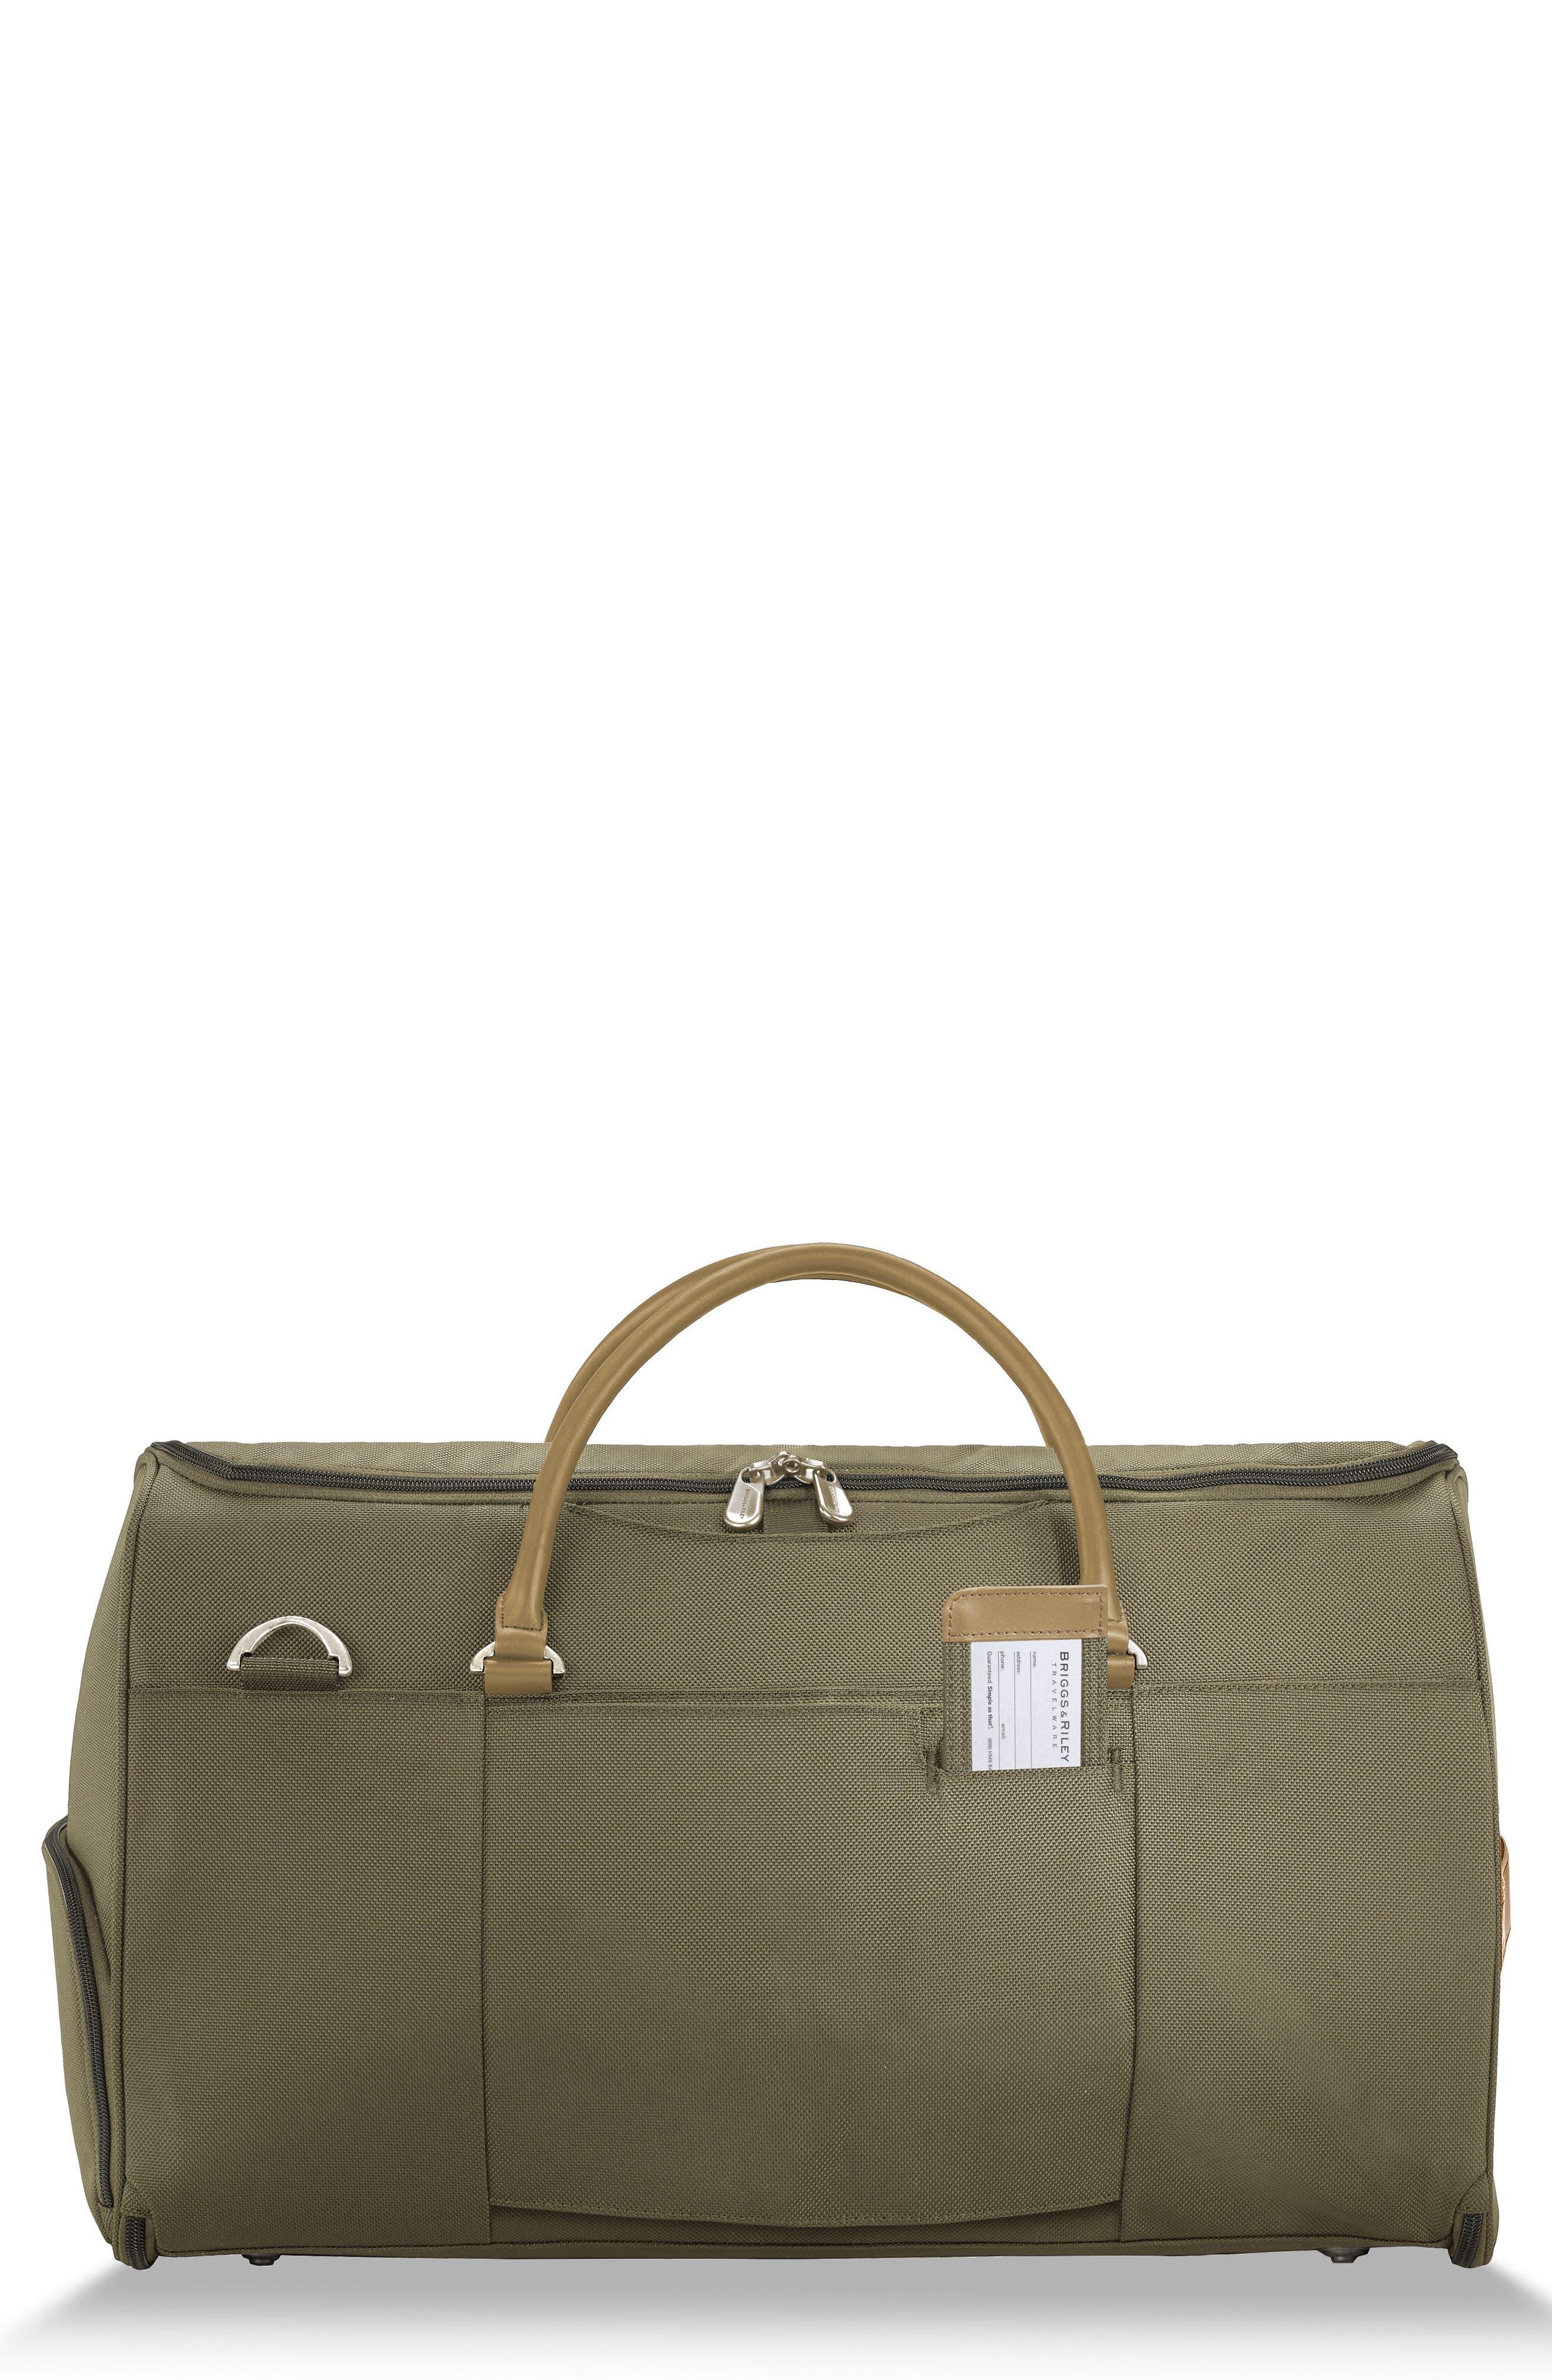 Main Image - Briggs & Riley Baseline Suiter Duffel Bag